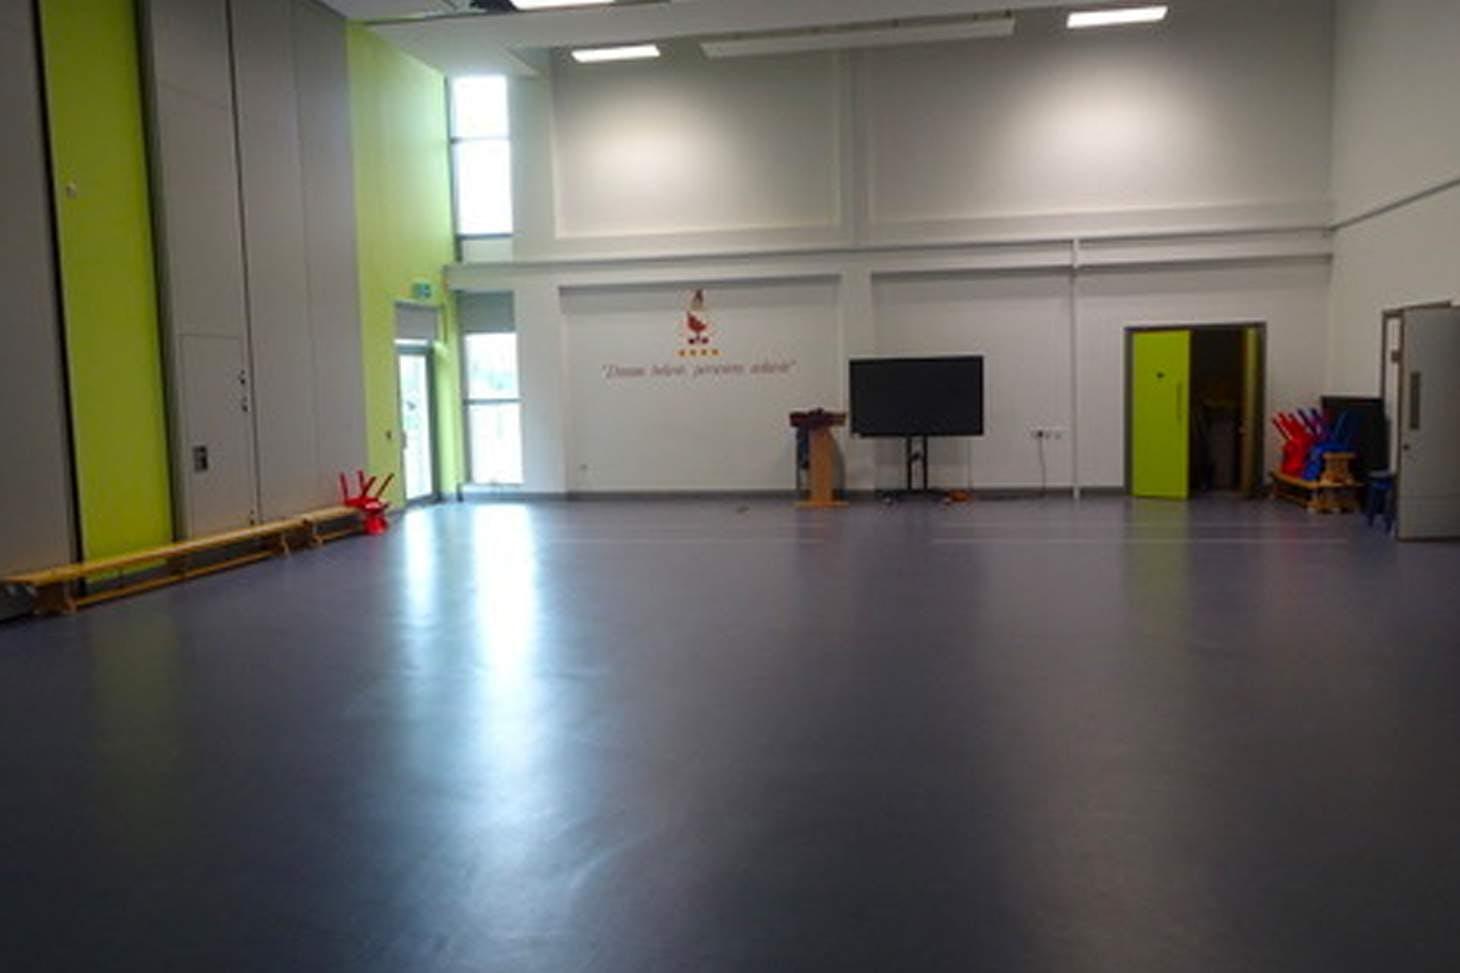 Ark Burlington Danes Academy Function room space hire